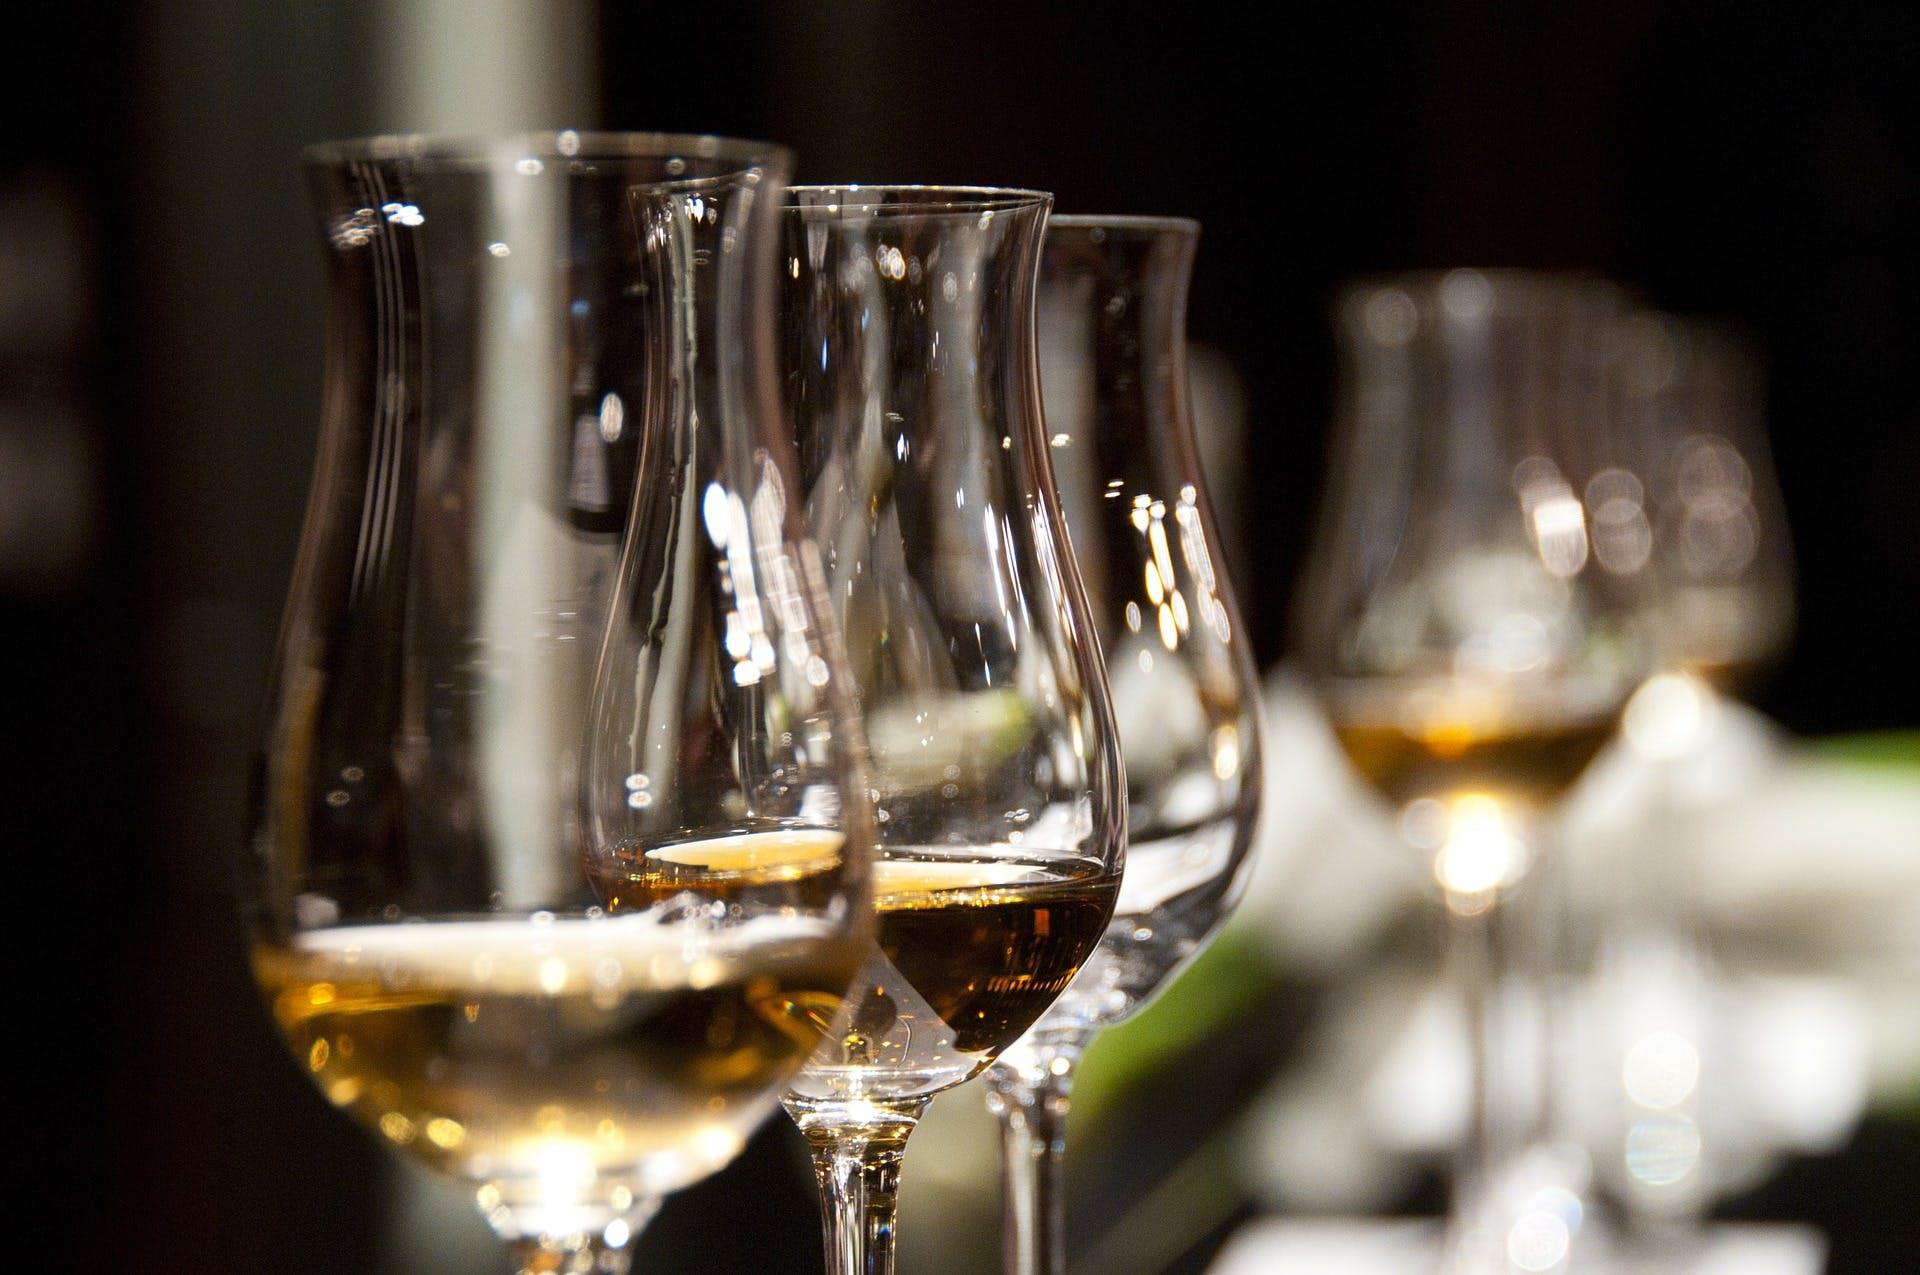 I migliori vini italiani del 2019 - L'Officiel Italia